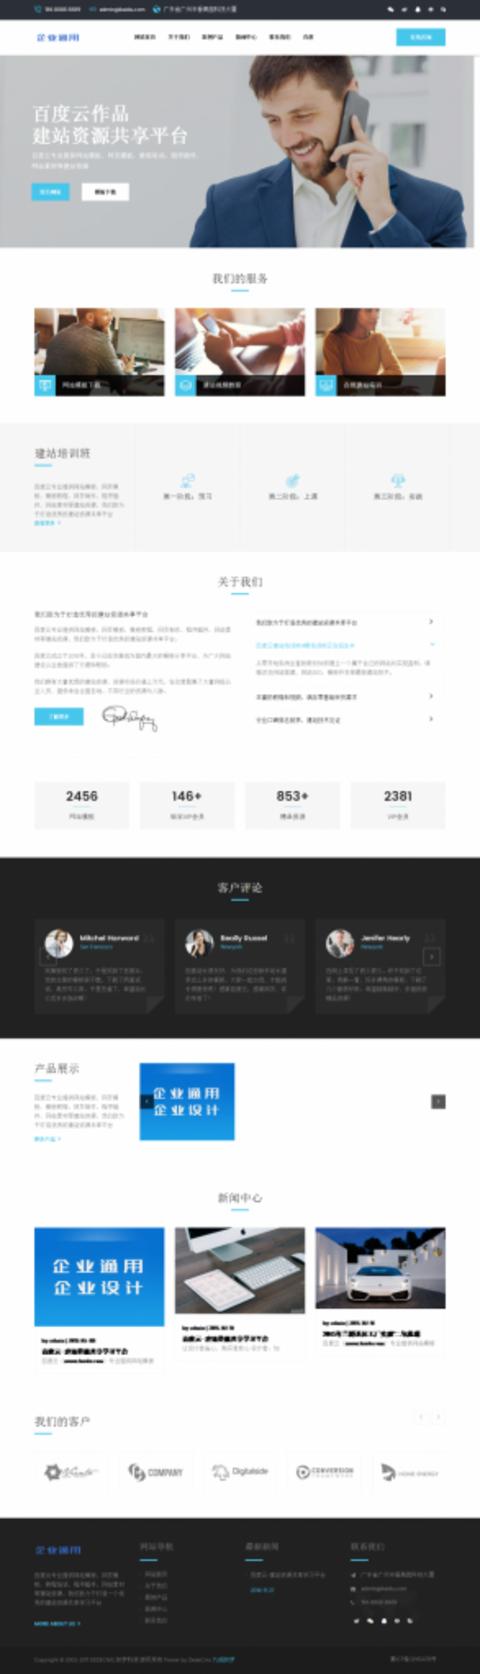 响应式蓝色高端商务公司企业dedecms整站源码(自适应手机端)